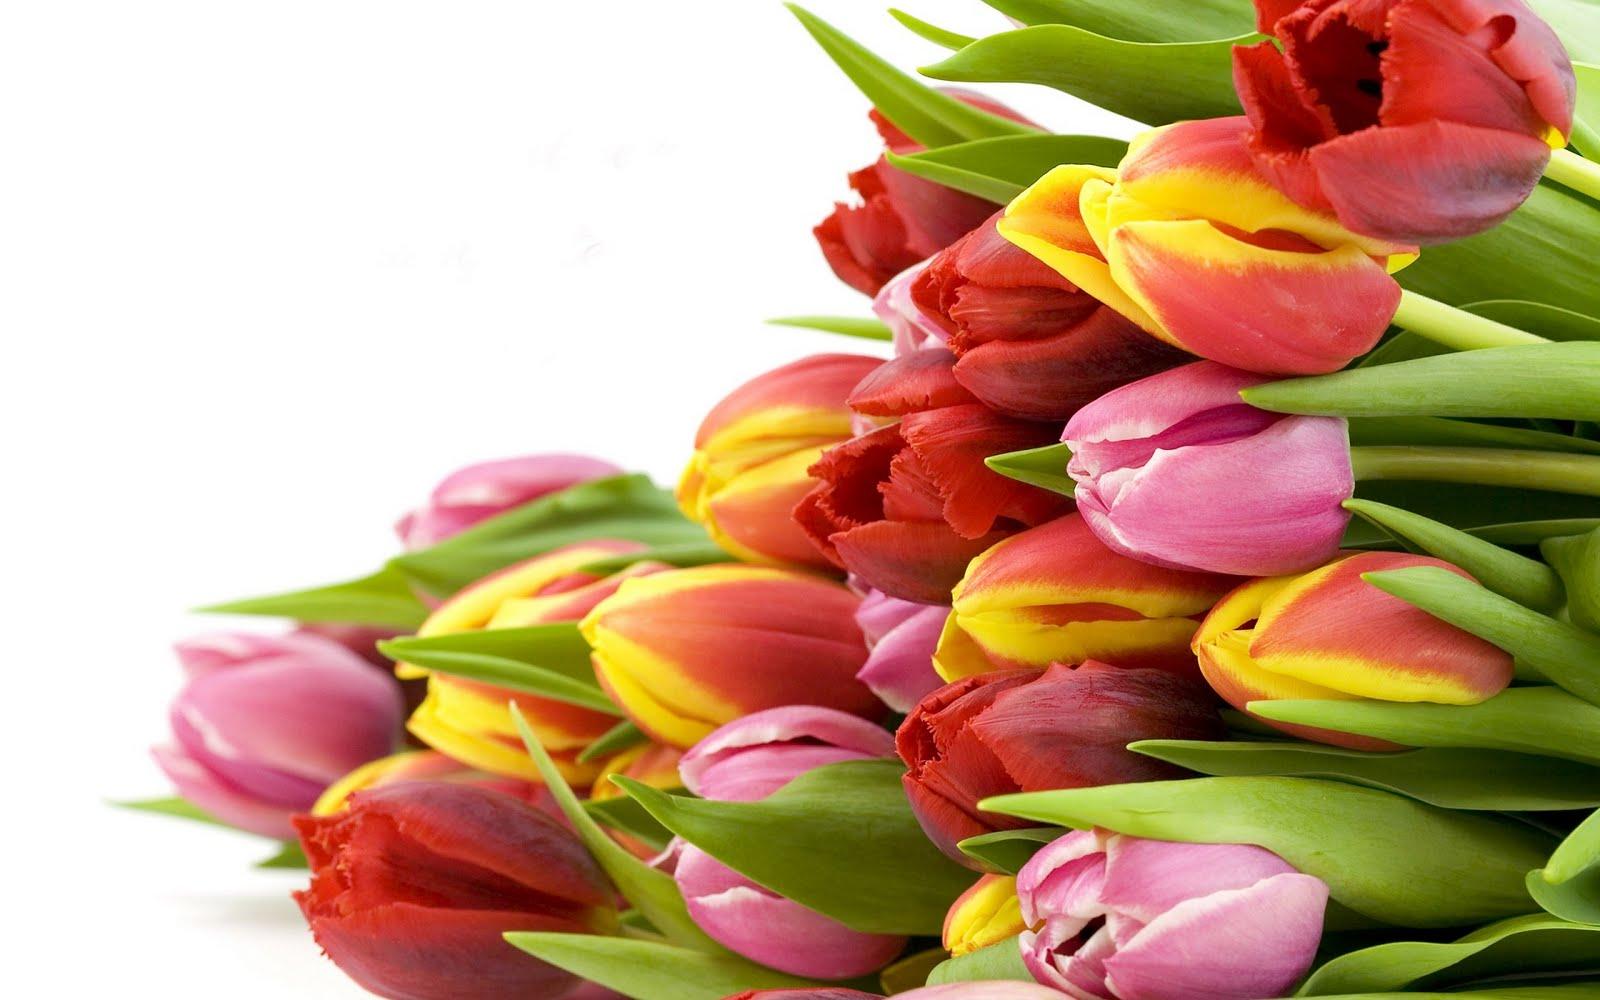 http://4.bp.blogspot.com/-AjY5RjjQVO8/TcrJ2EaTLVI/AAAAAAAAMgA/qfAebFeHyFo/s1600/tulip-flowers_2560x1600_79993.jpg